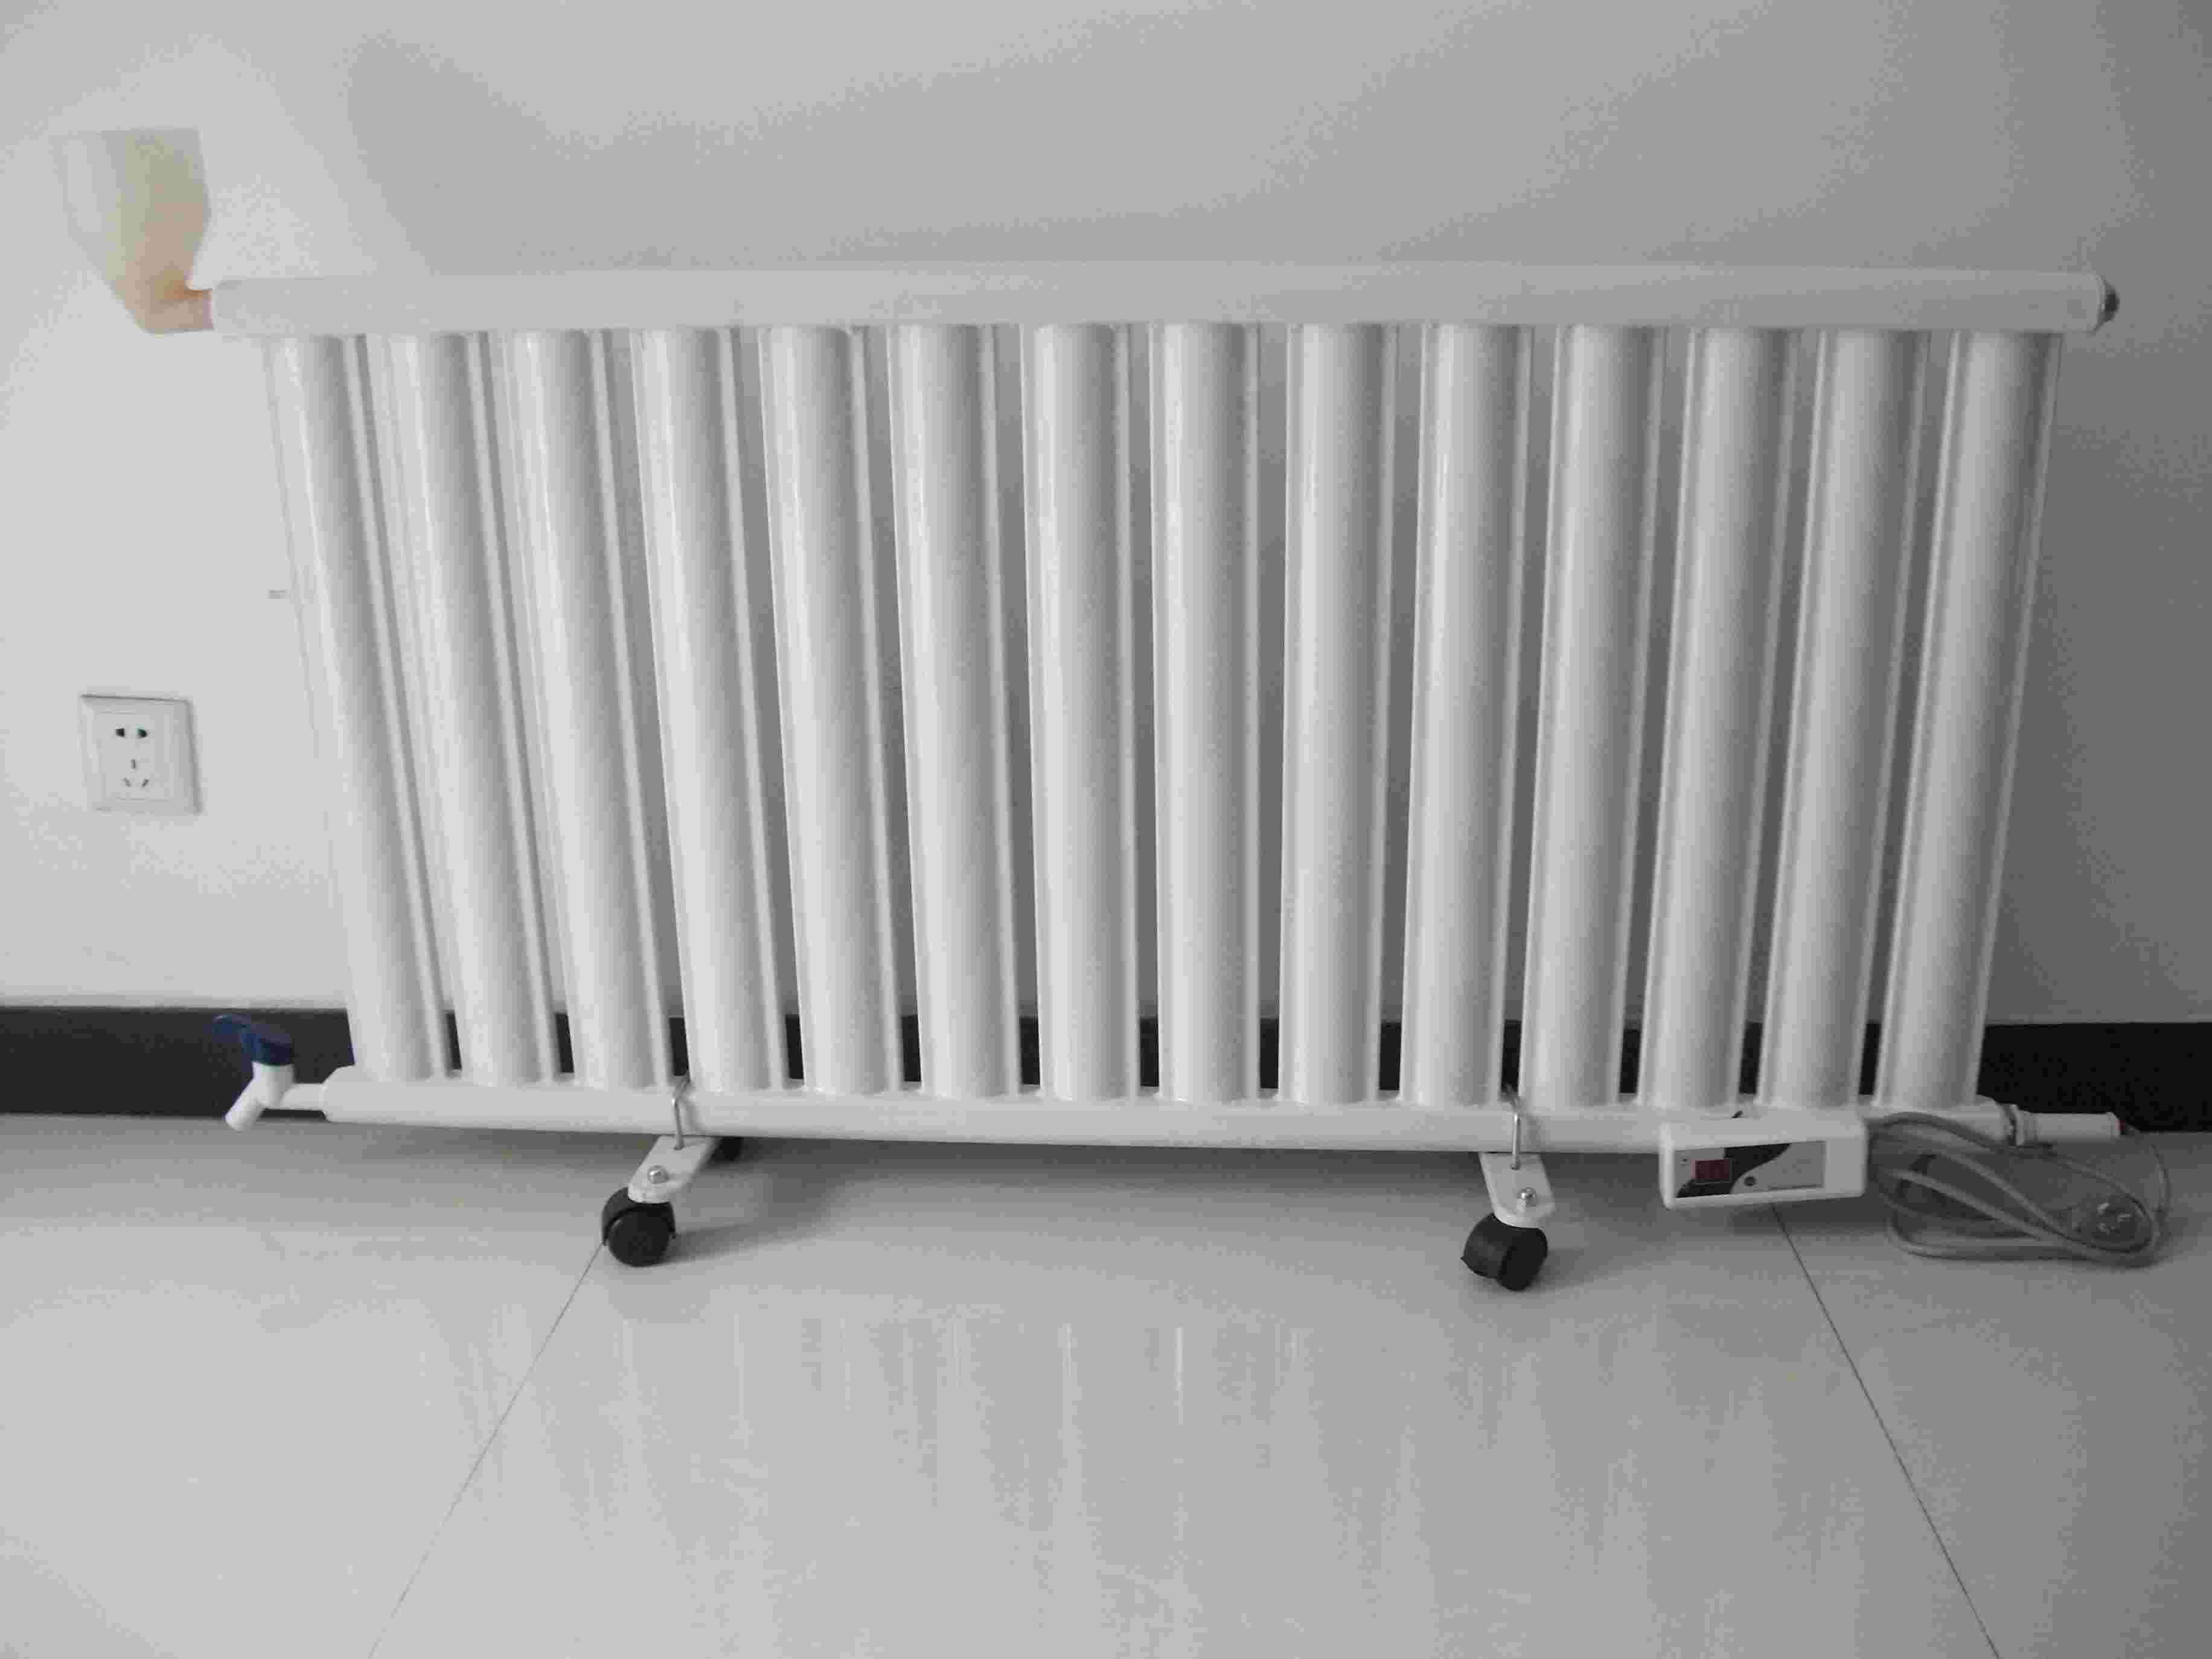 电暖气取暖,【推荐】辽宁金奉诺电采暖优质的电暖气